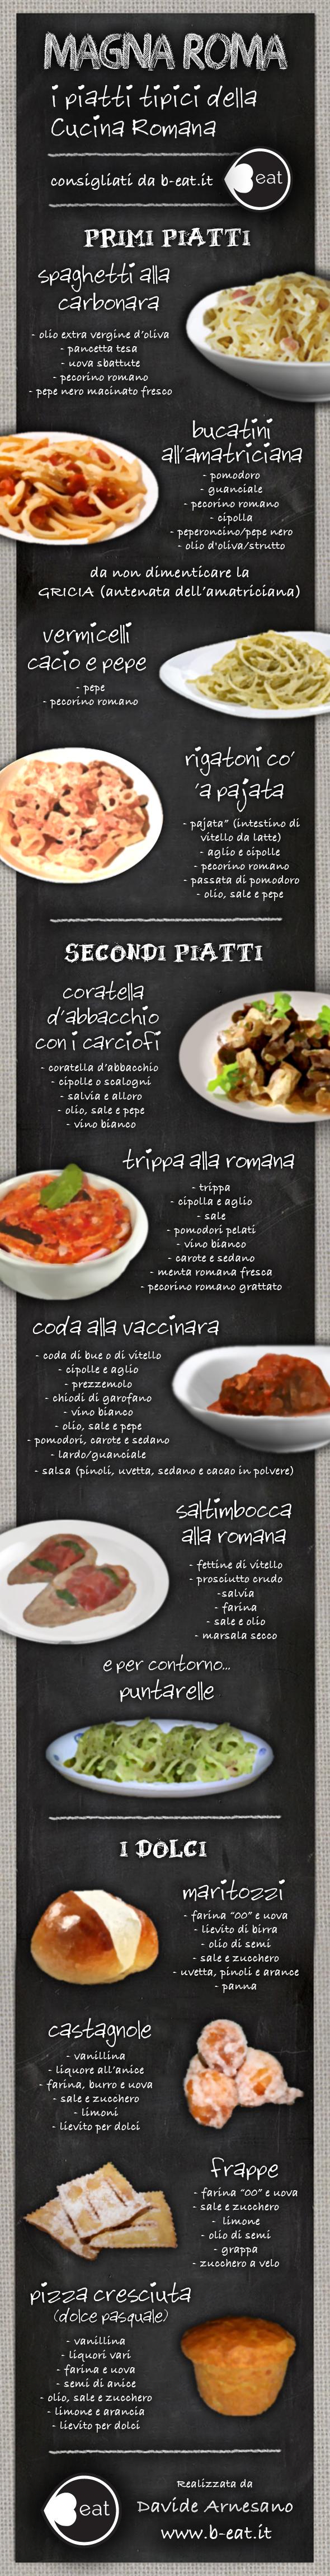 Infografica i piatti tipici della cucina romana for Primi piatti cucina romana